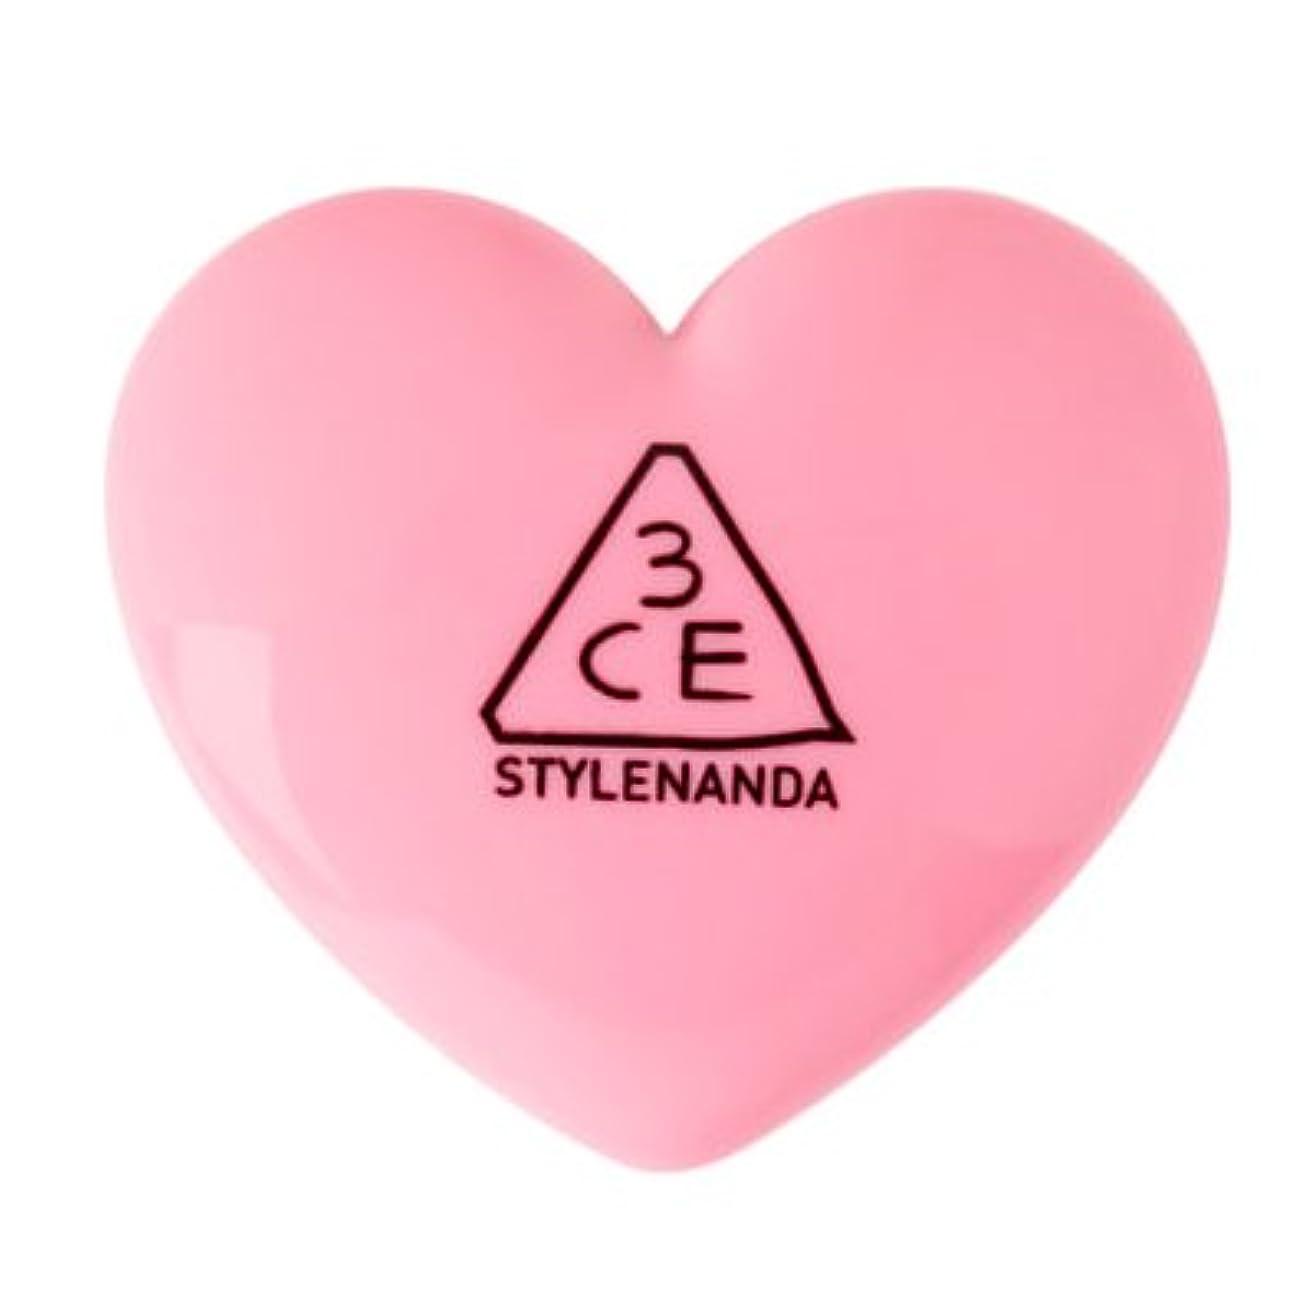 上級権威普通の【国内発送】3CE HEART POT LIP ハートポットリップバーム (TINTED PINK)